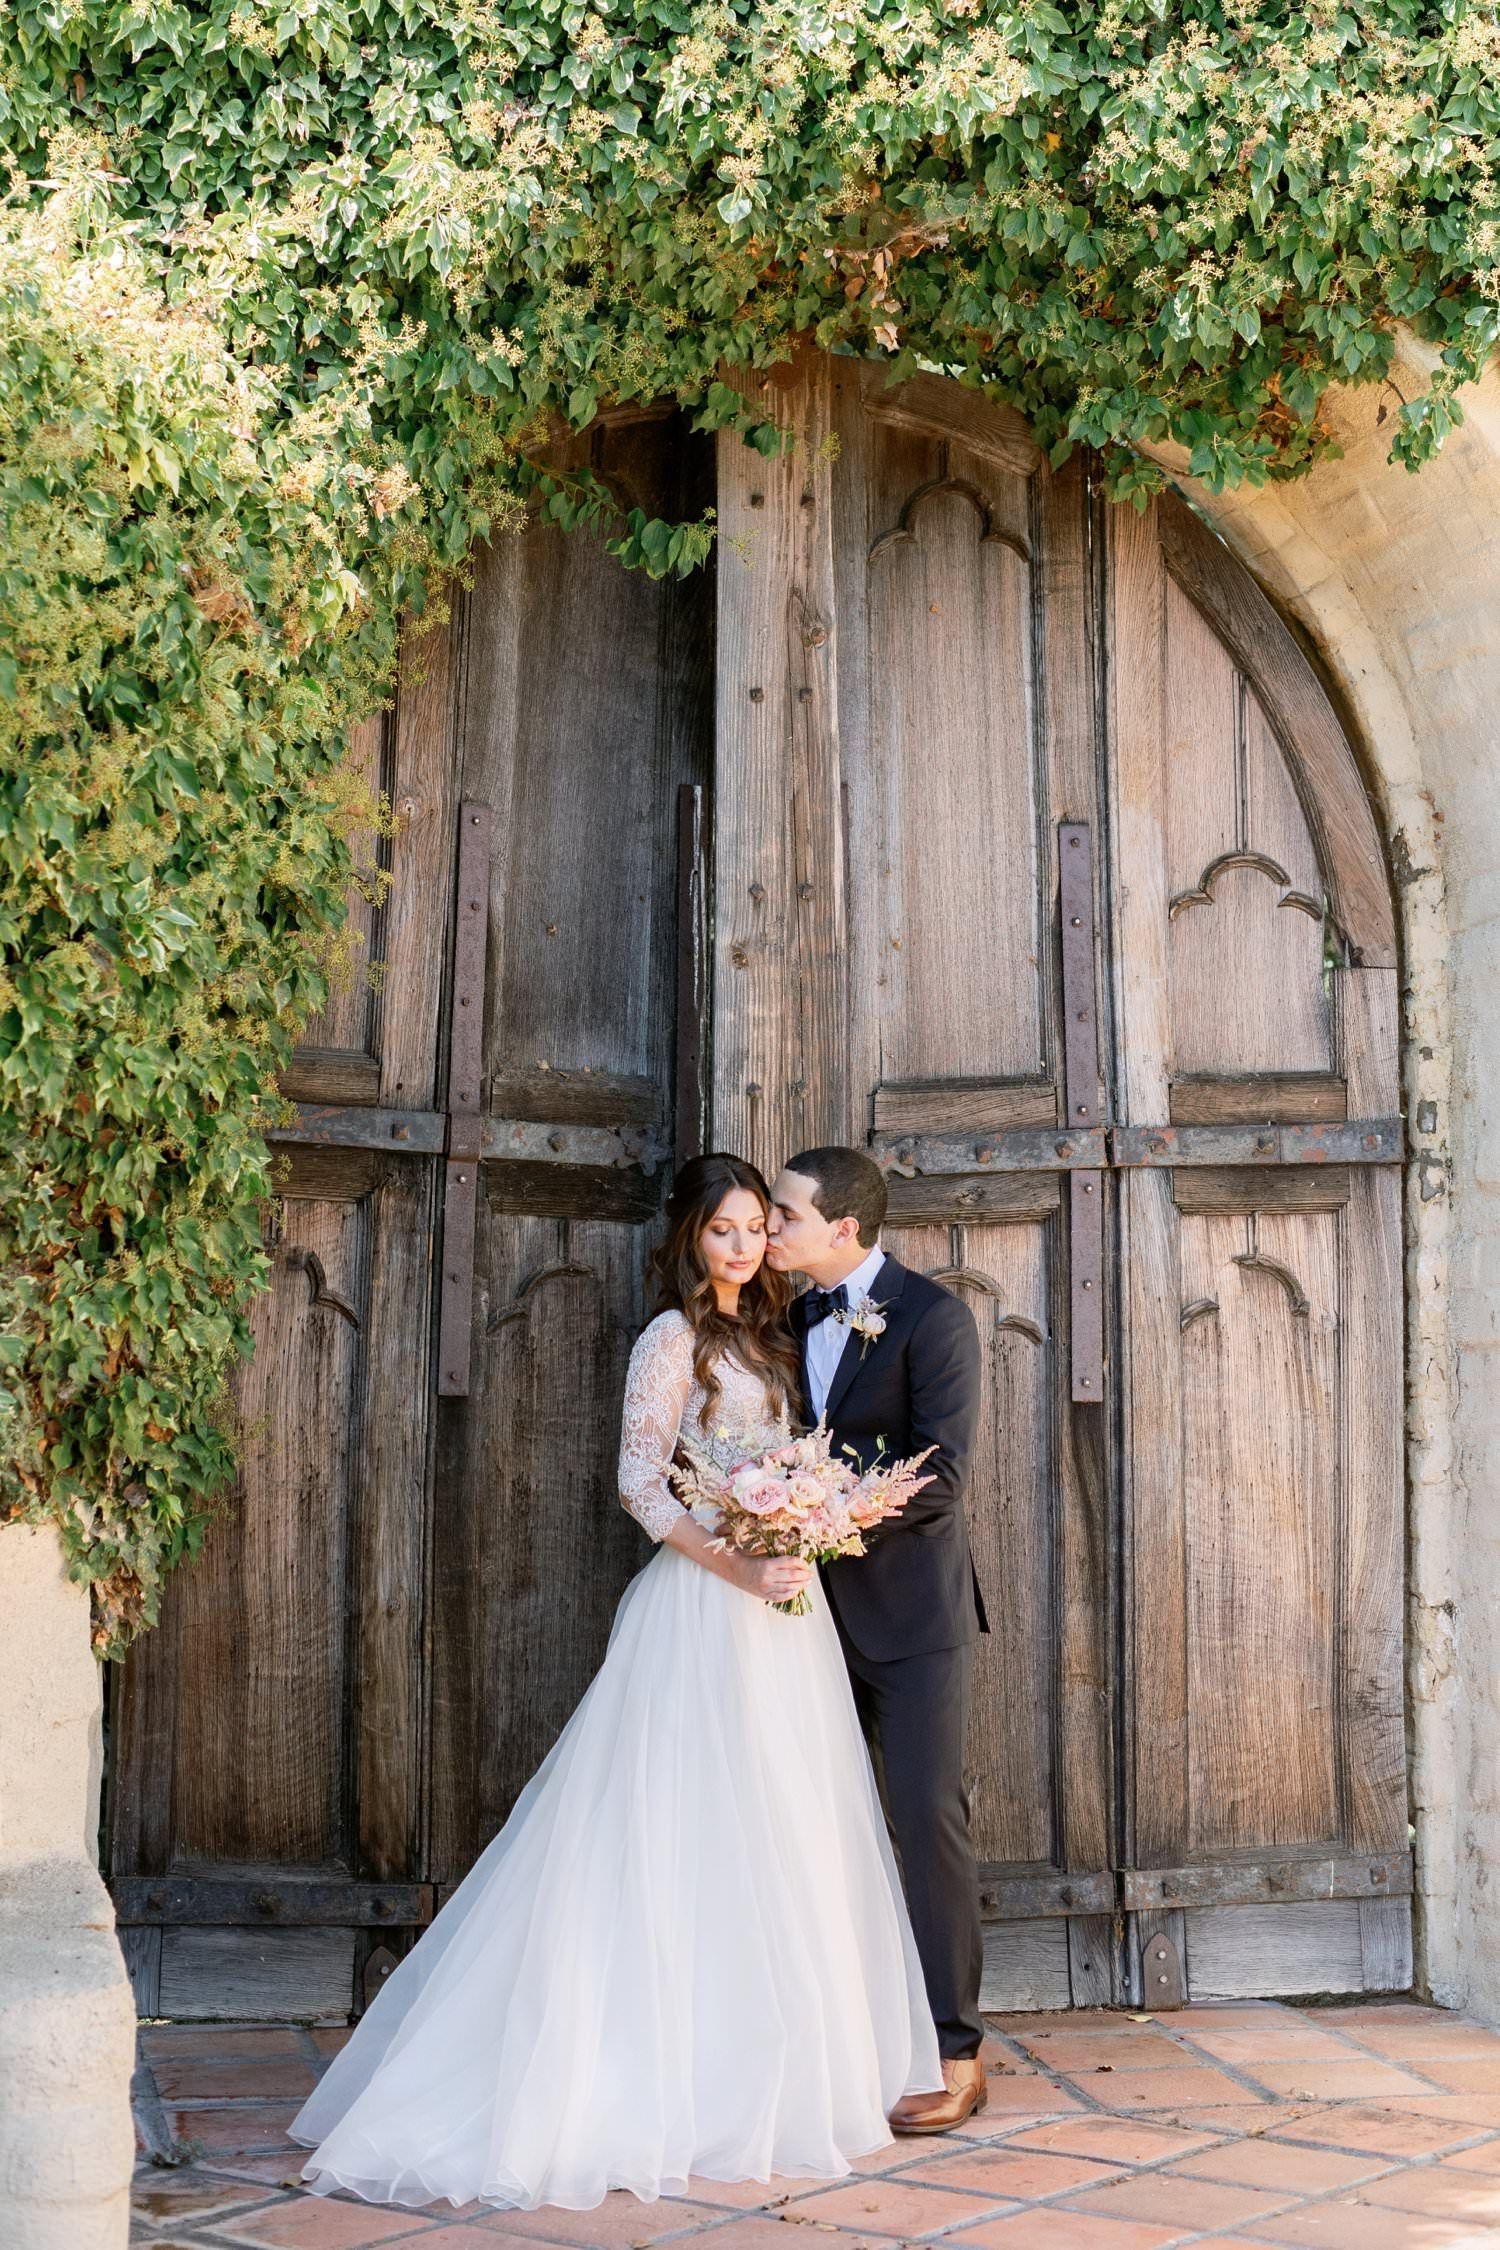 Santa Ynez wedding photographer in 2020 Santa ynez